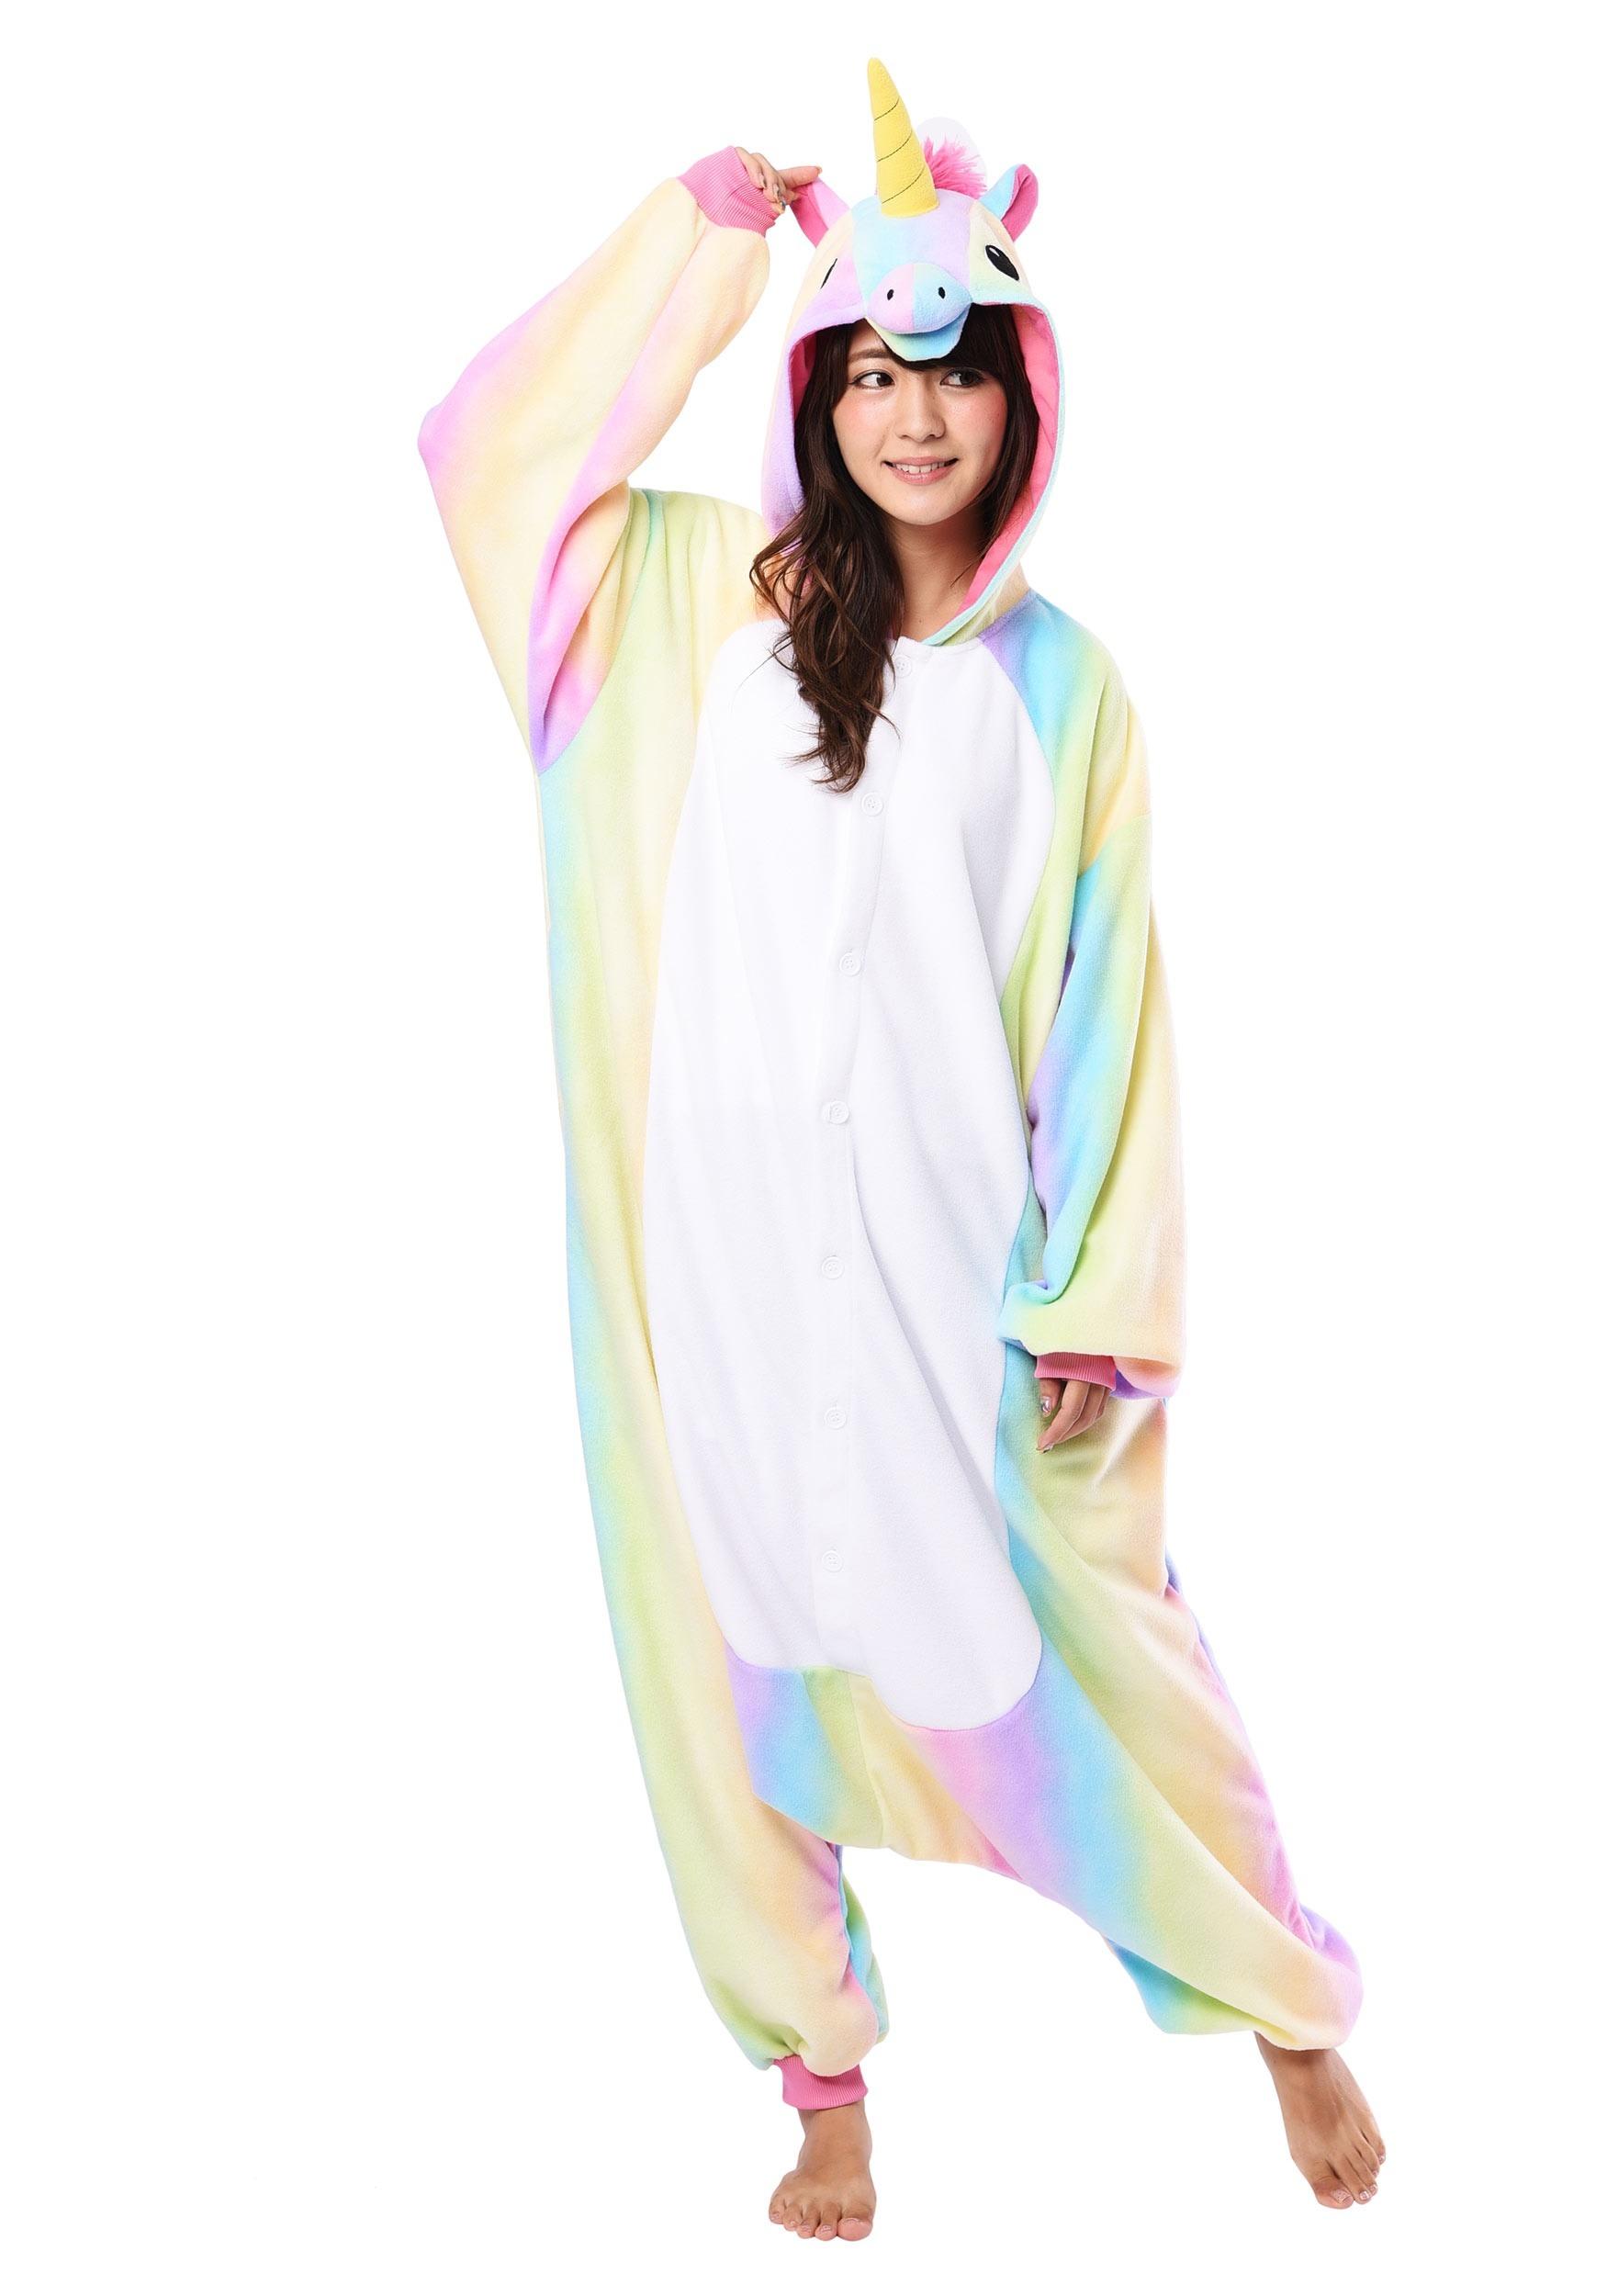 9dac6ba6a8 Unicorn Costumes - Sexy Uniform Costumes, Kids Unicorn Costumes